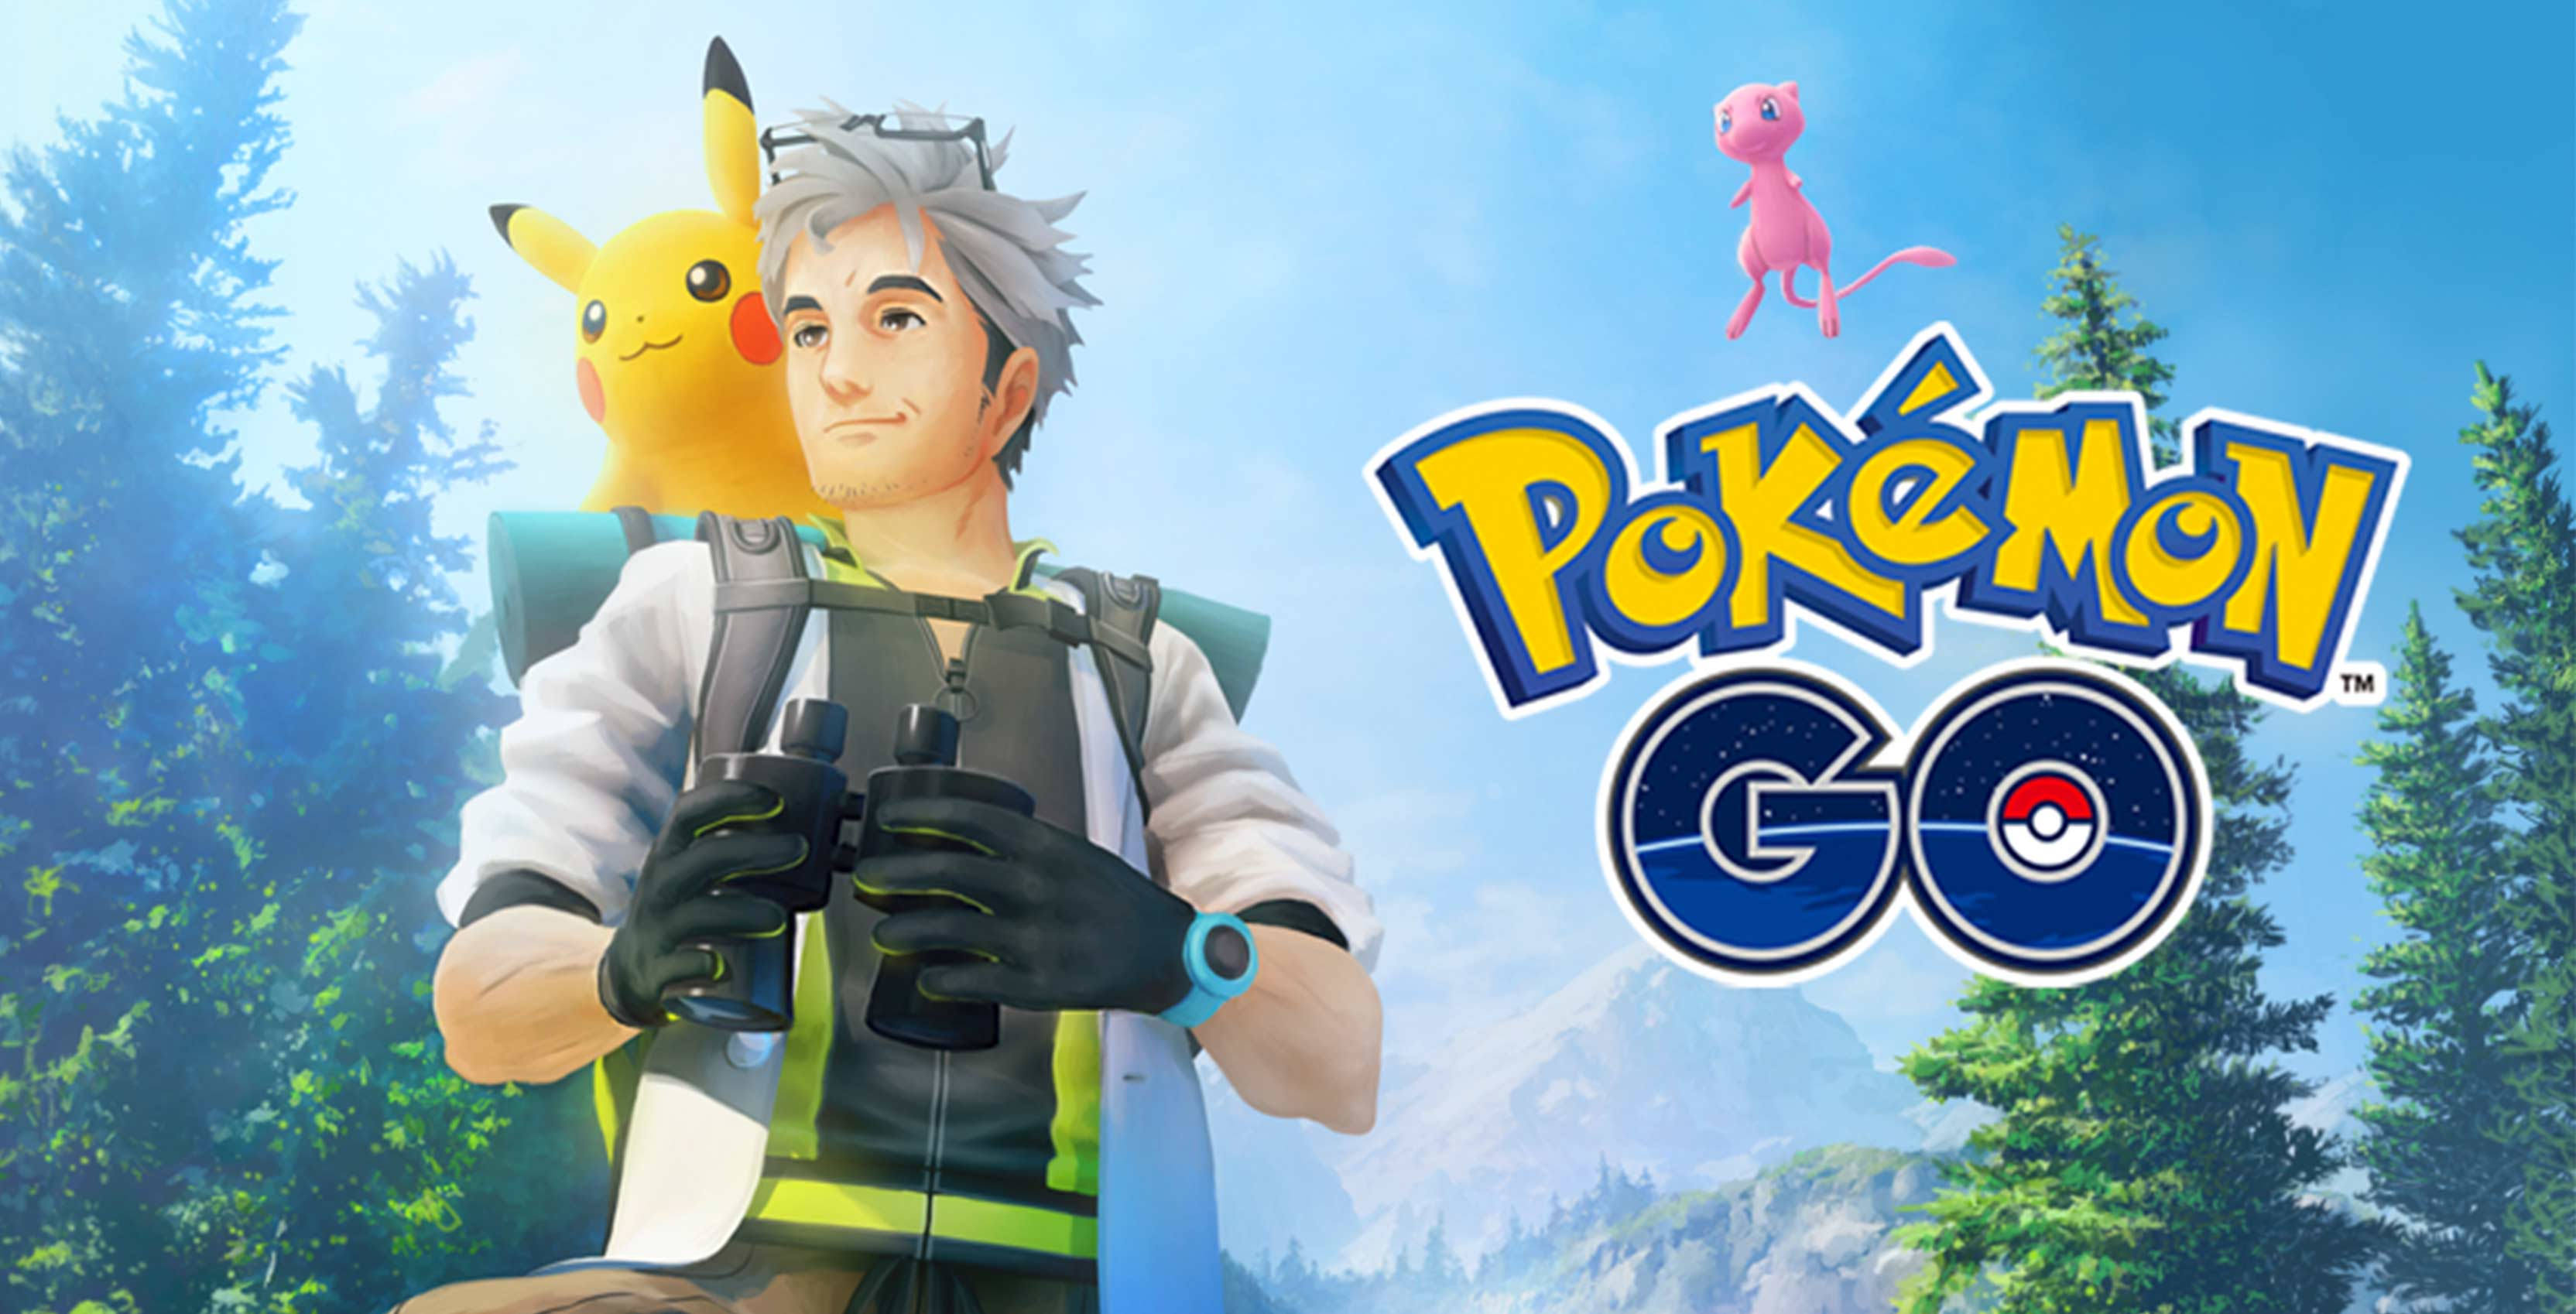 Pokémon Go adds new gameplay mechanic and legendary Pokémon Mew